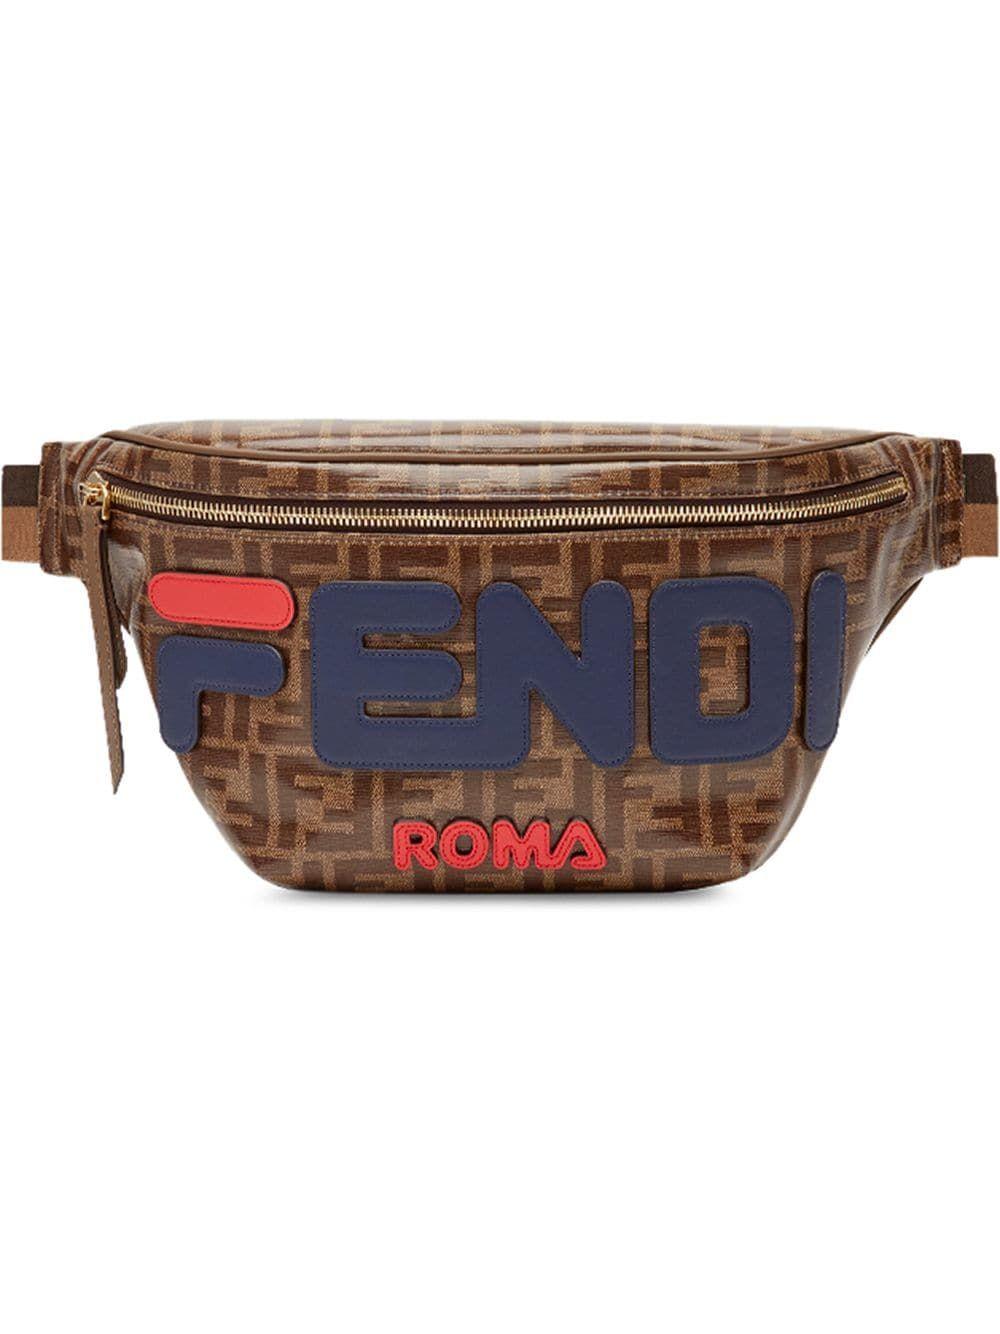 3ddc8f2408 FENDI FENDI DOUBLE F LOGO BELT BAG - BROWN. #fendi #bags #leather ...